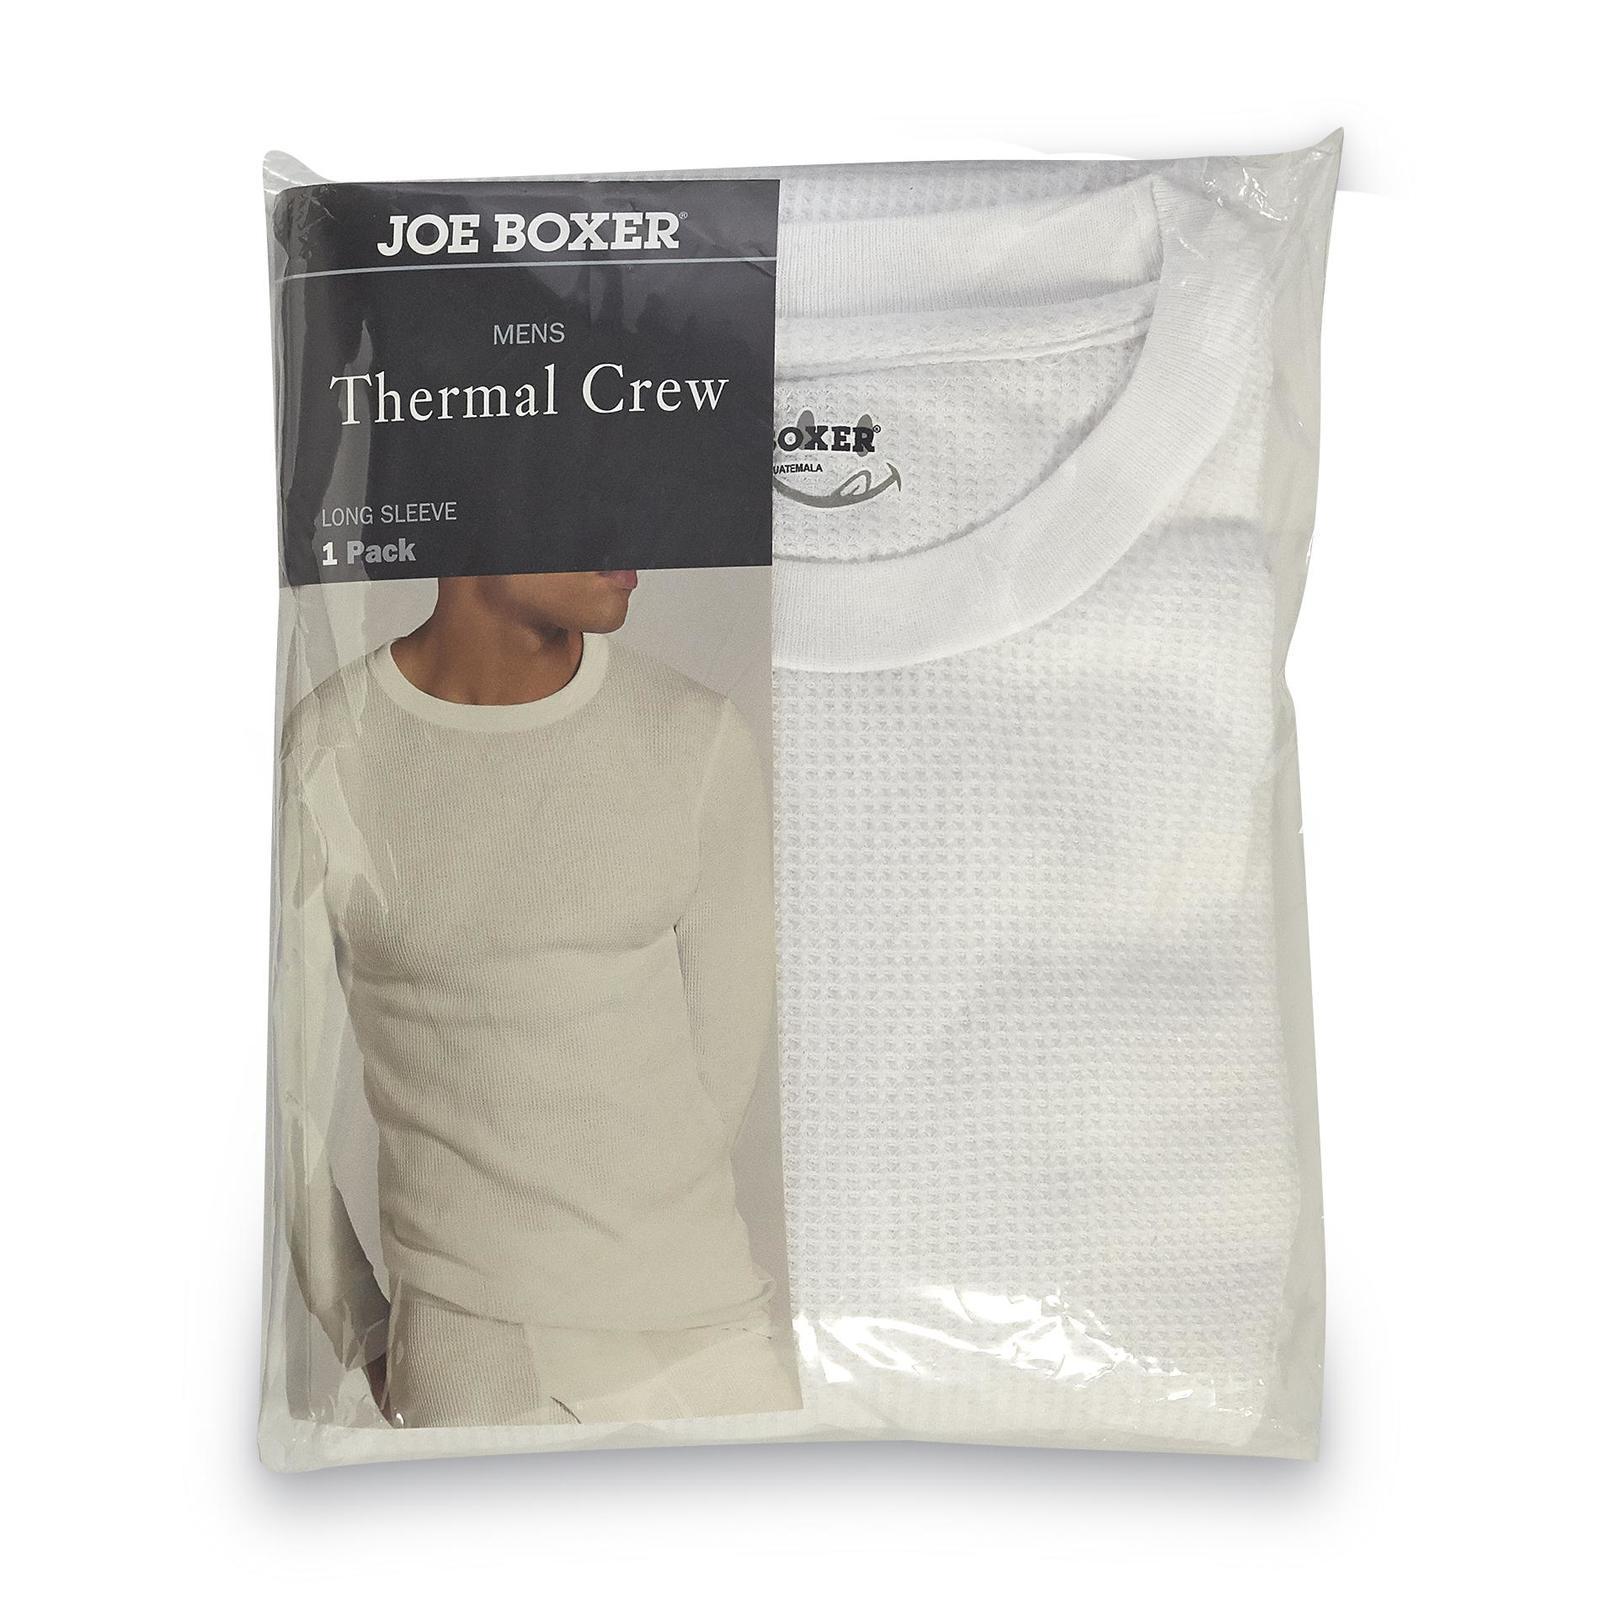 Joe Boxer Men' Crew Neck Thermal Shirt - Clothing Underwear